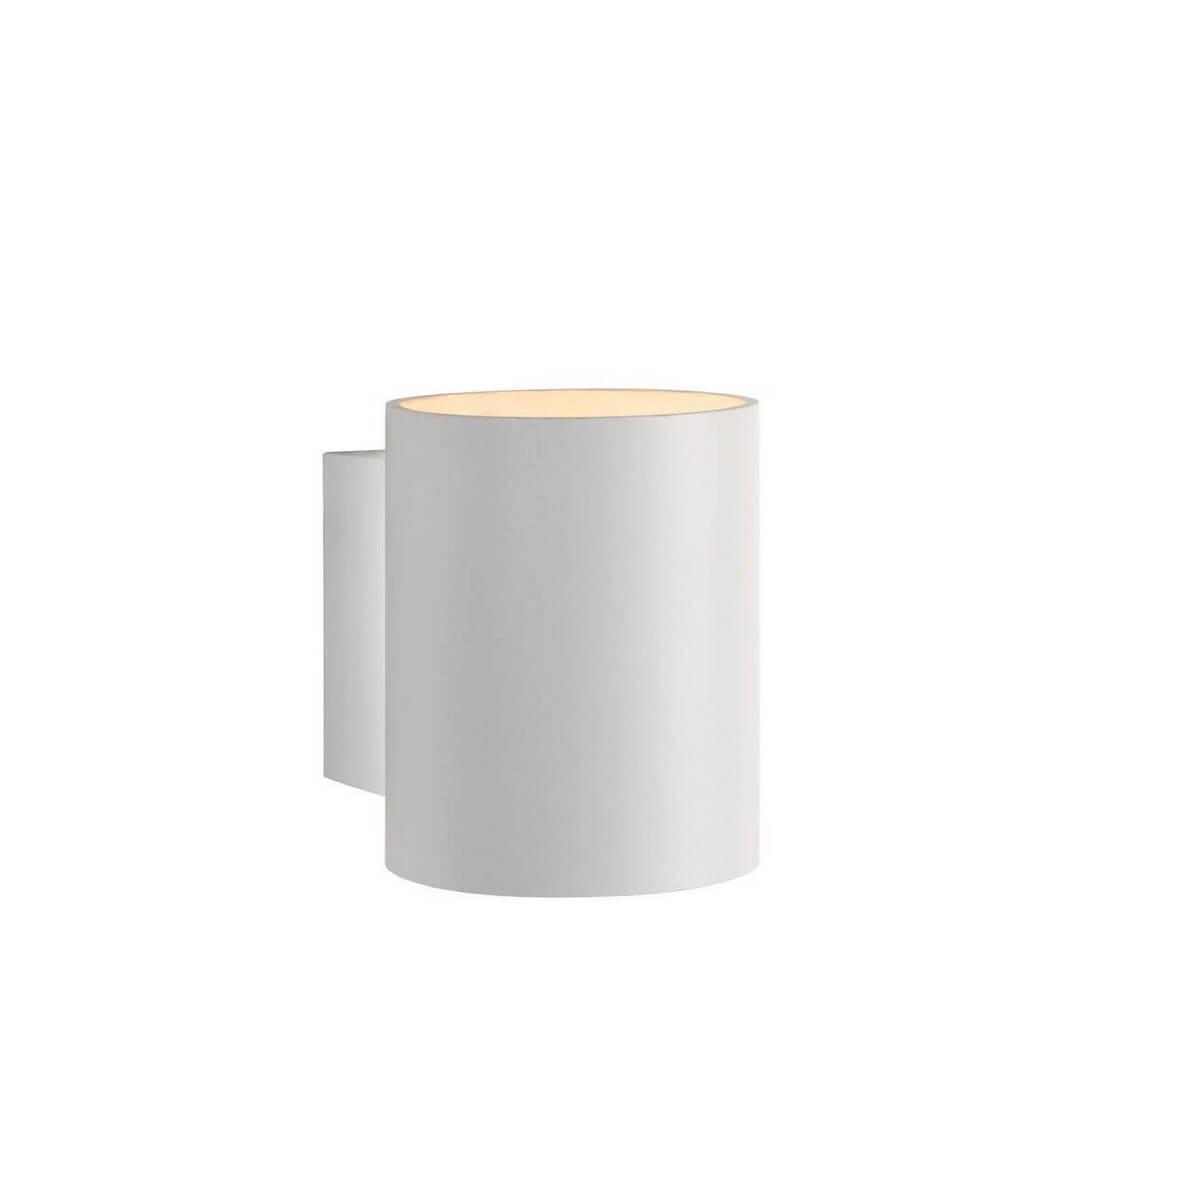 Настенный светильник 23252/01/31, G9, 25 Вт светильник lucide tonga 79459 25 31